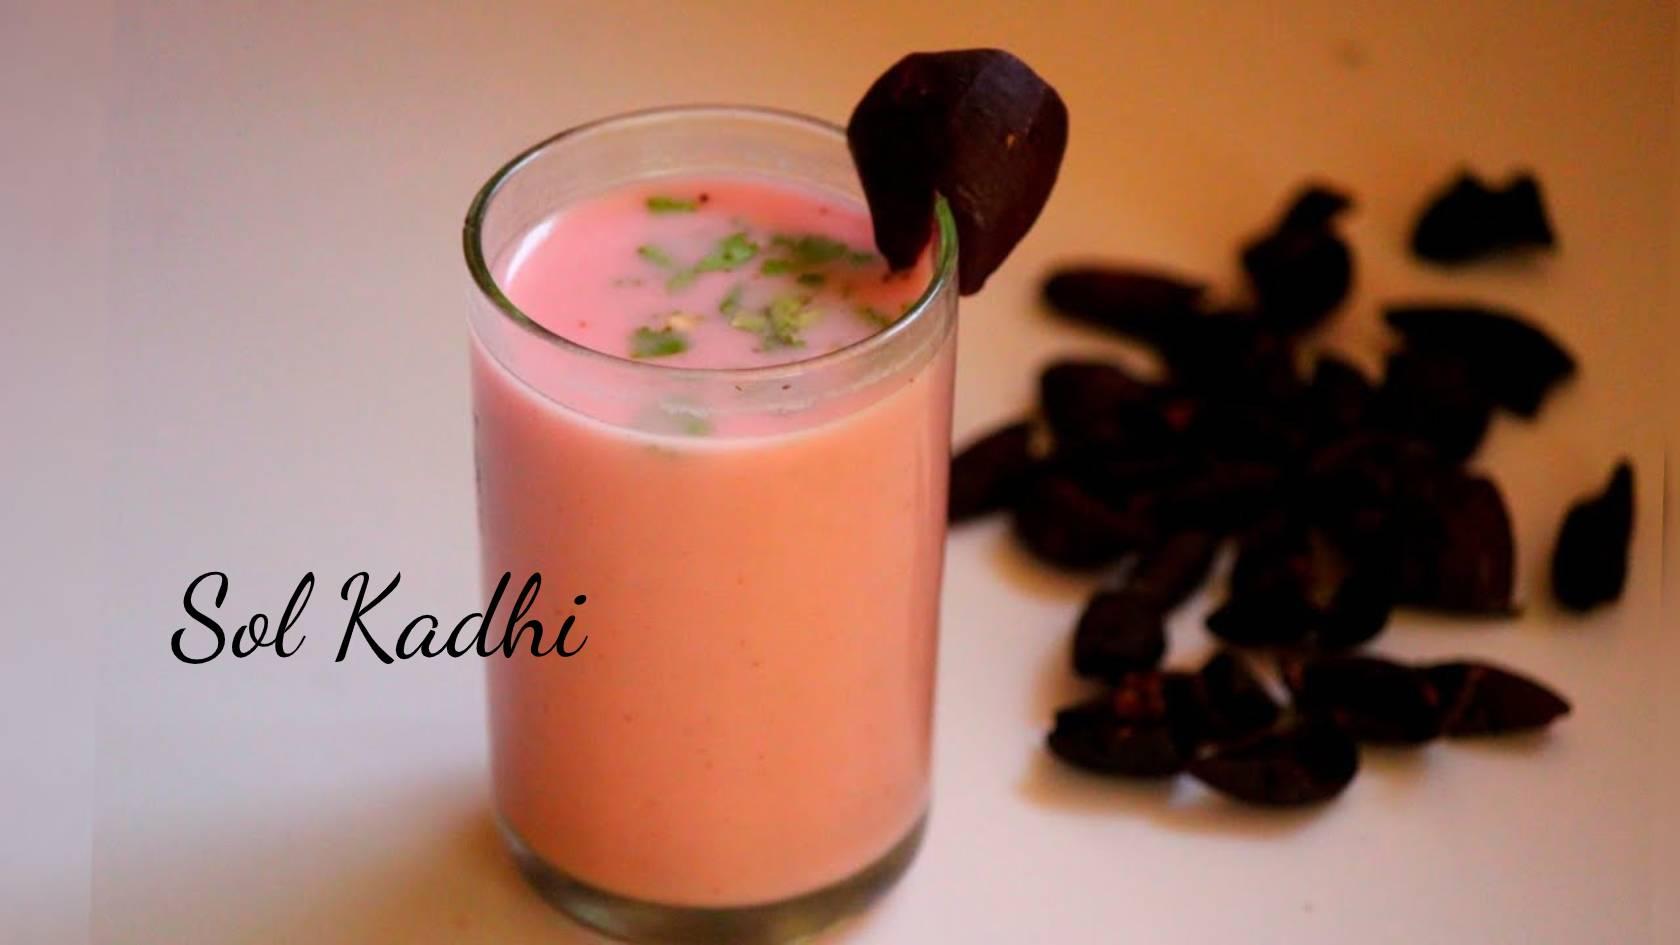 Sol Kadhi